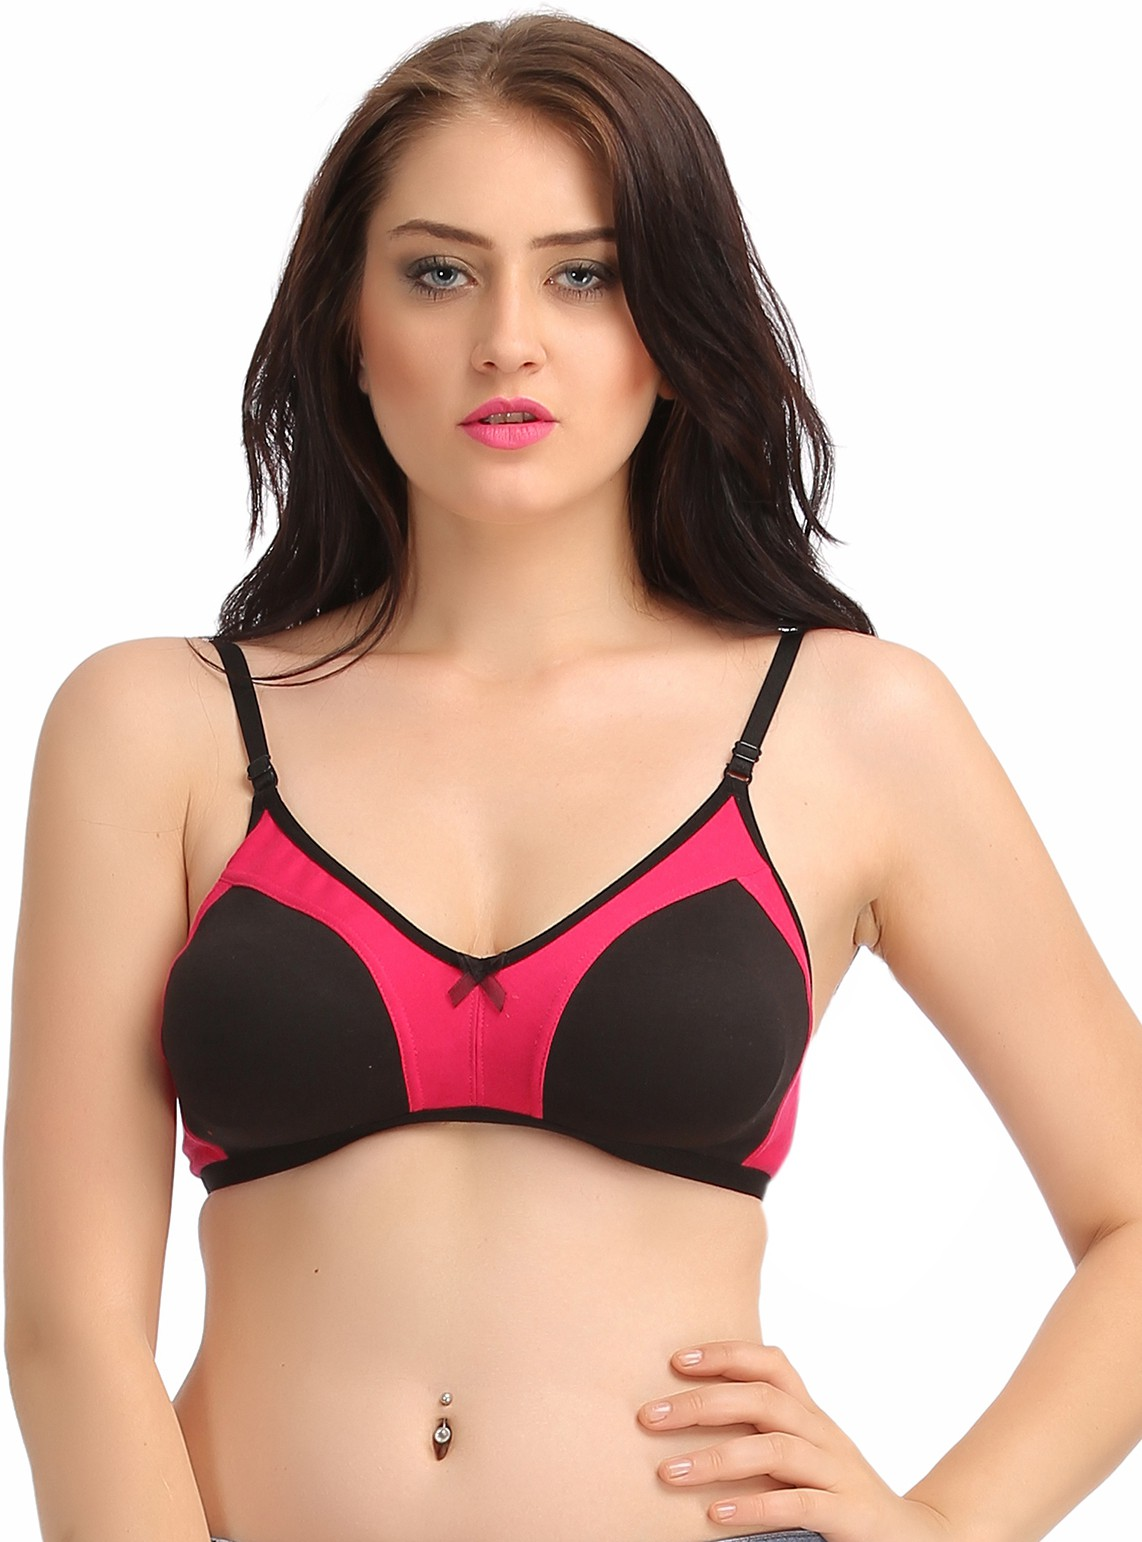 Deals - Gwalior - Clovia <br> Bras, Panties<br> Category - clothing<br> Business - Flipkart.com